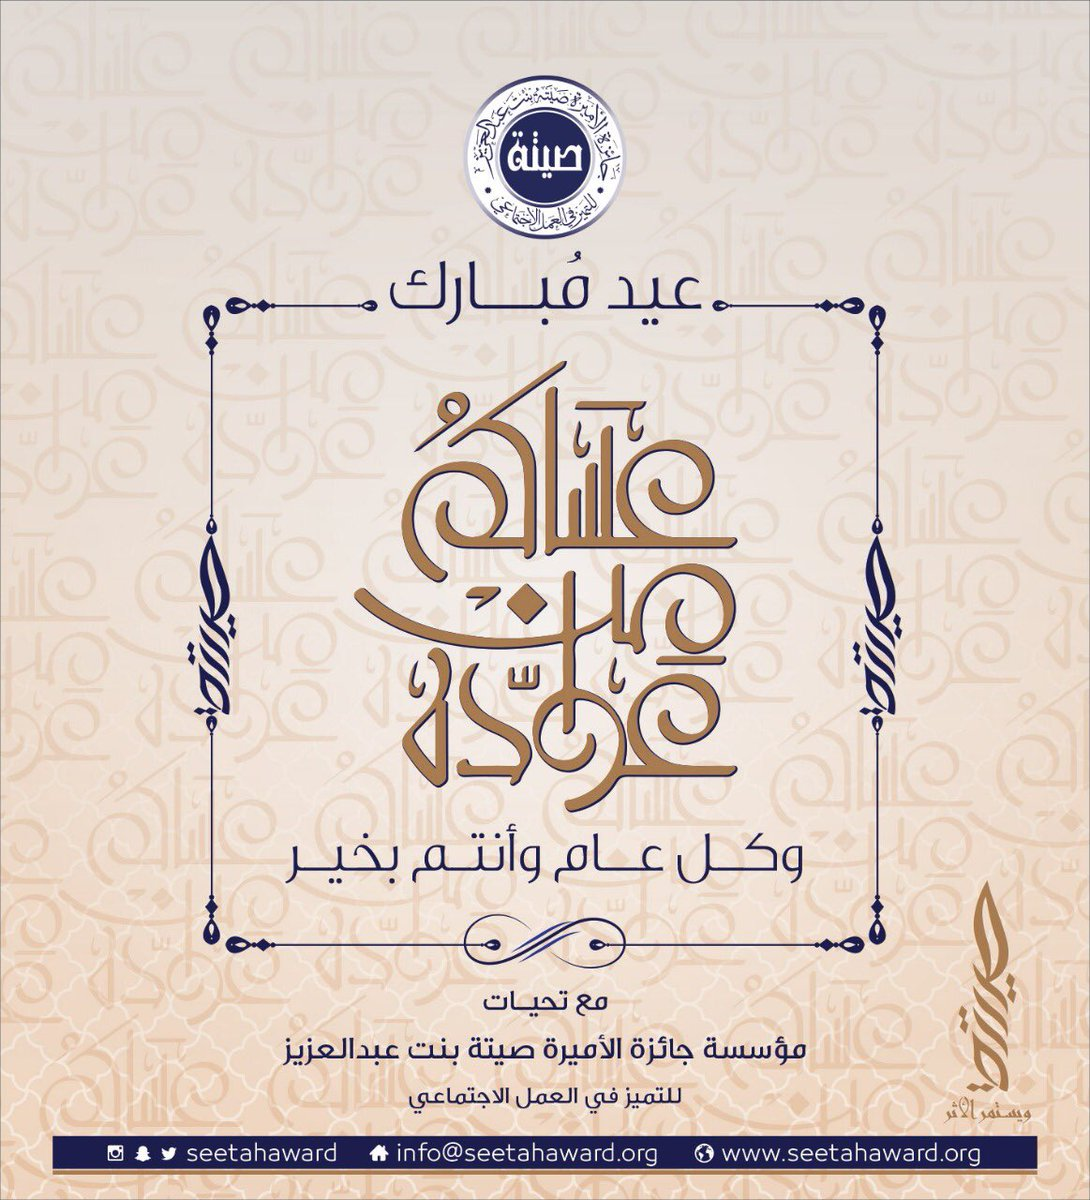 >عيد الفطر المبارك